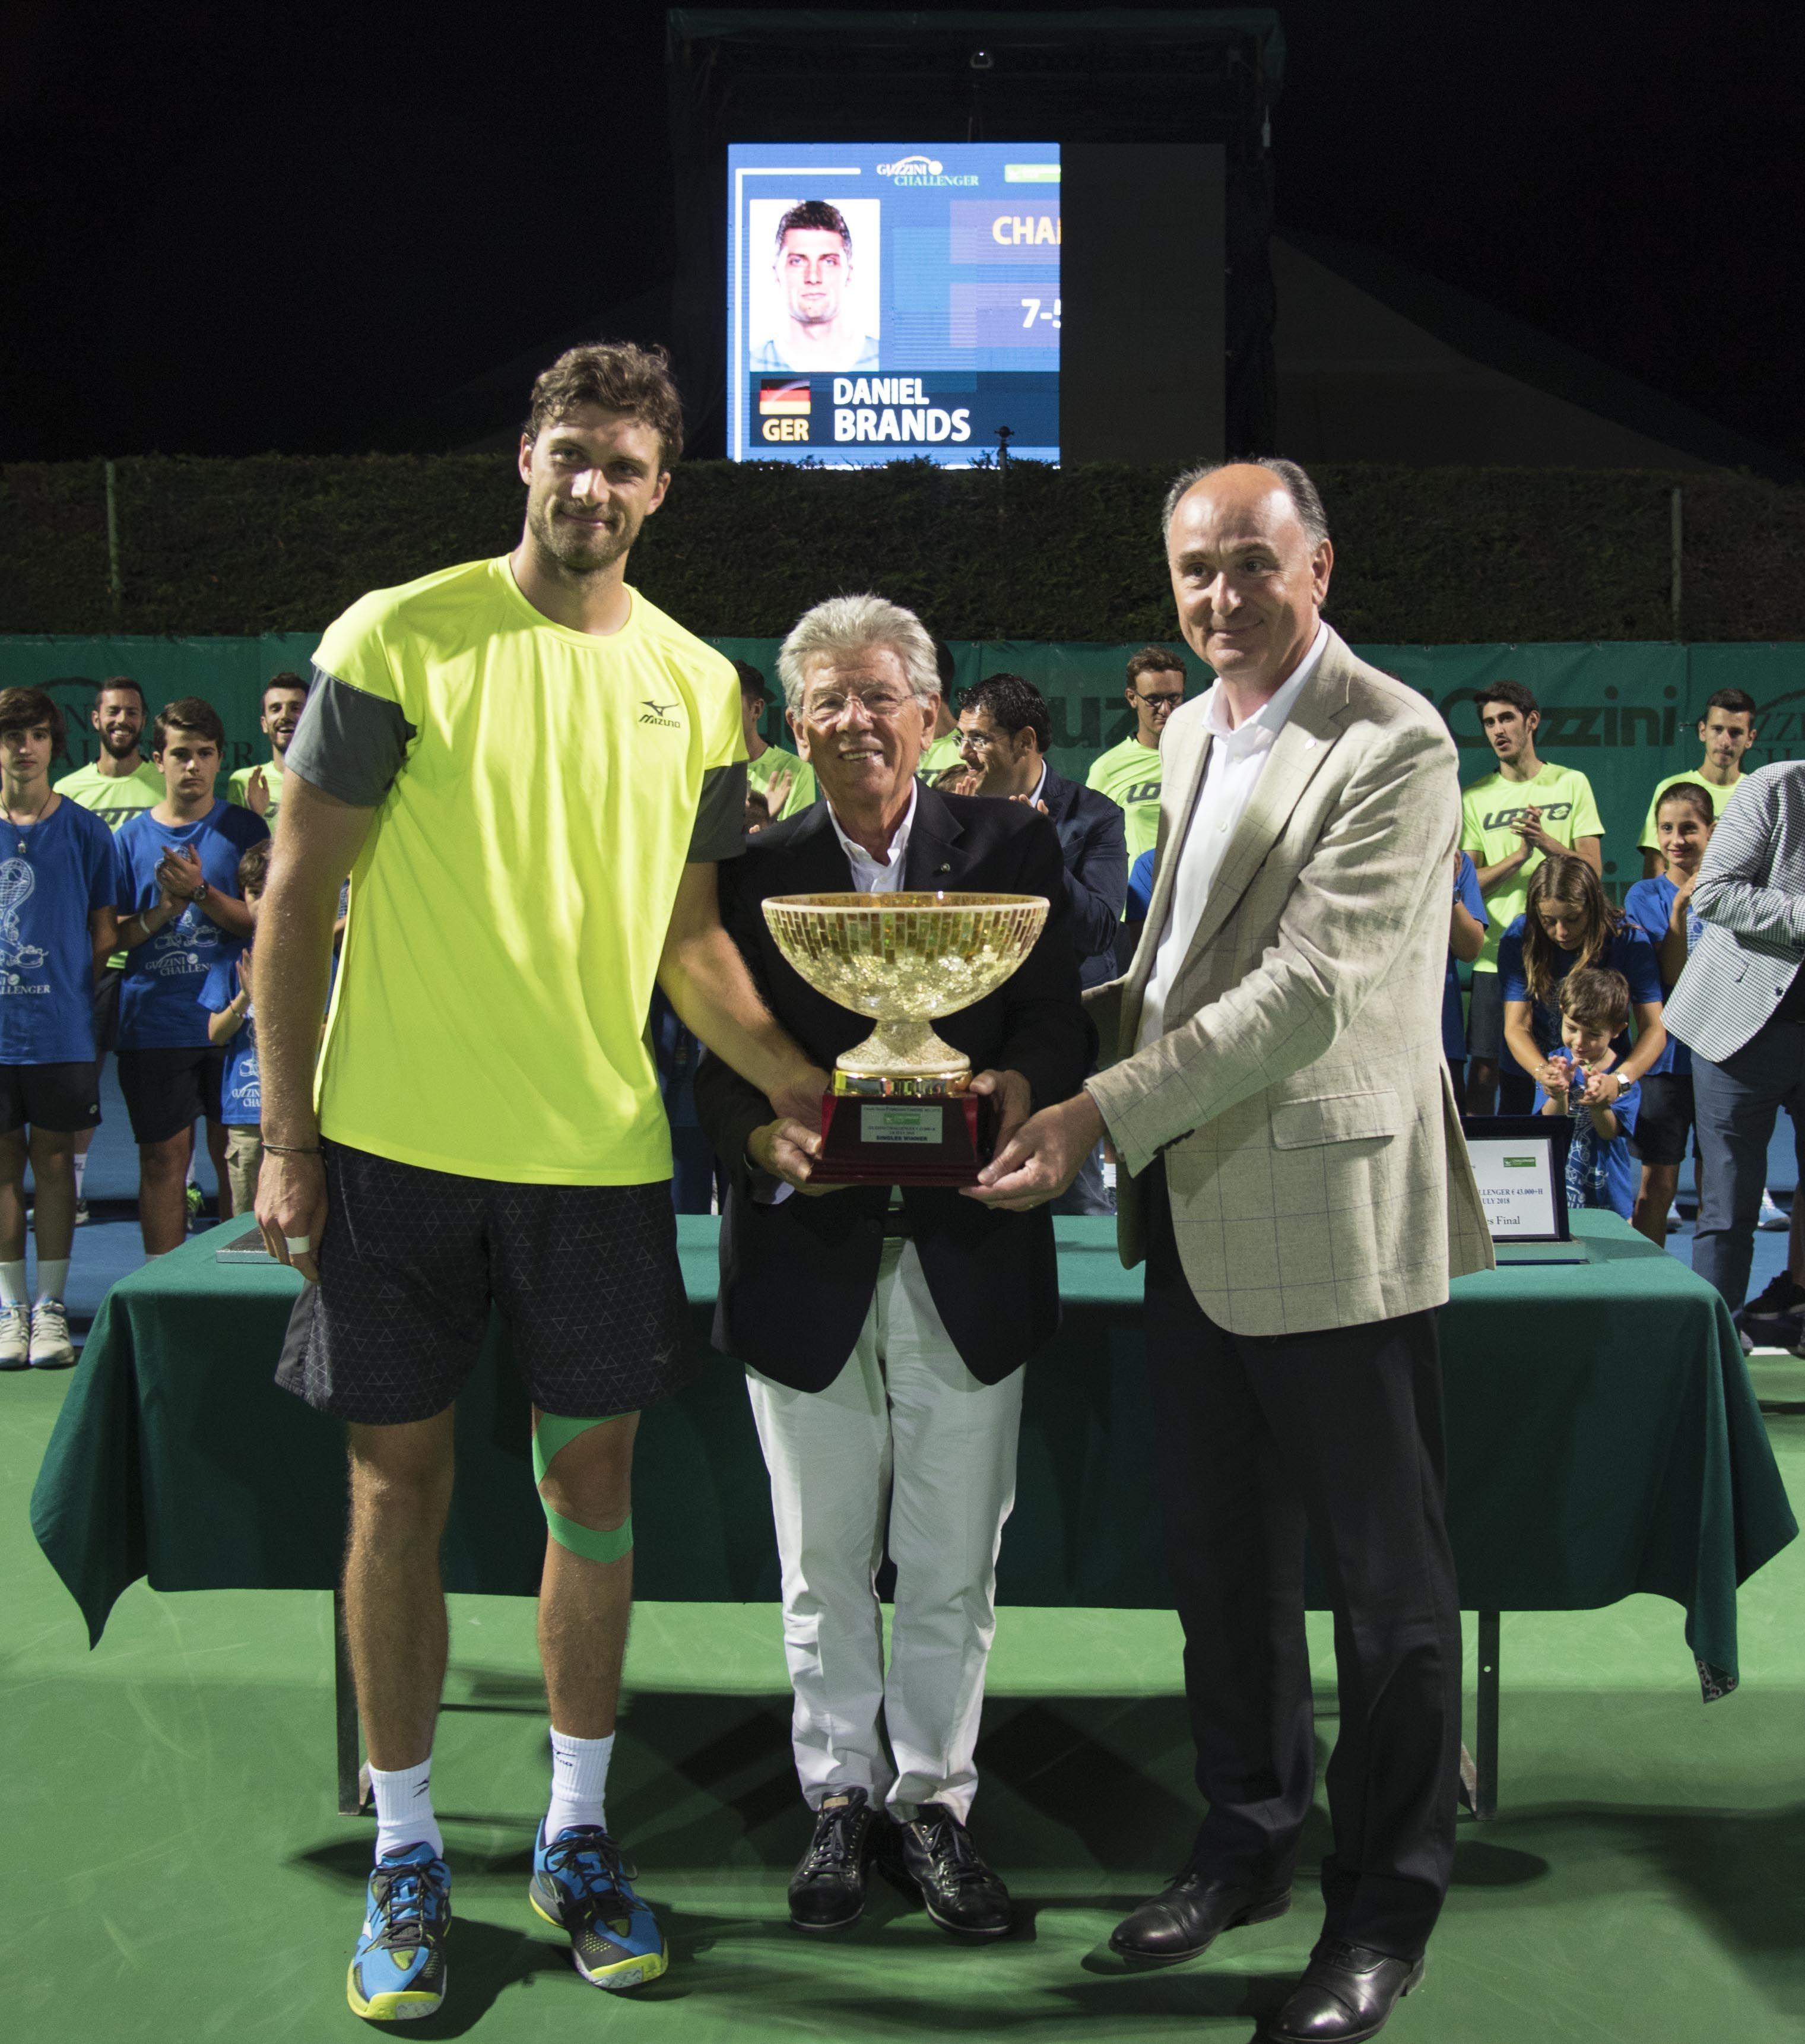 Daniel Brands ha vinto il torneo di Recanati